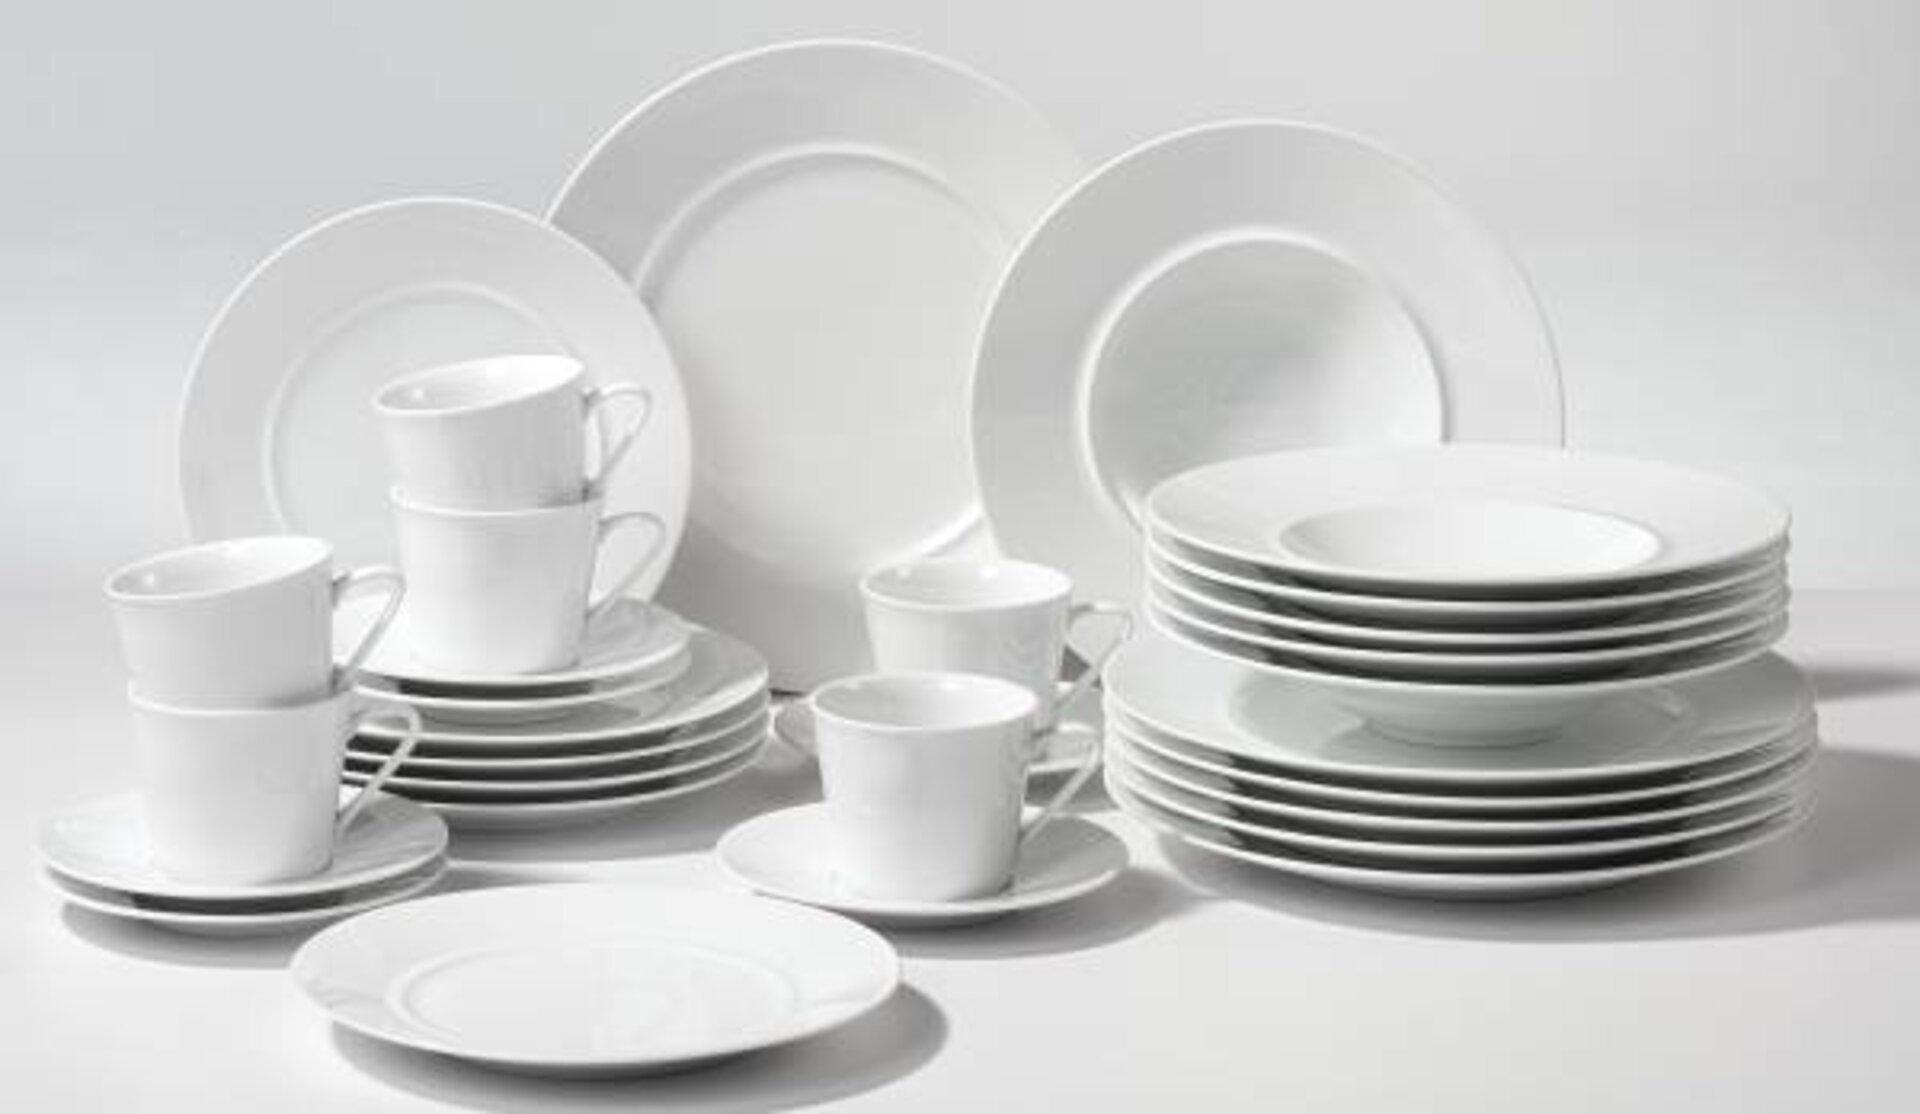 Geschirr Casa Nova Casa Nova Keramik